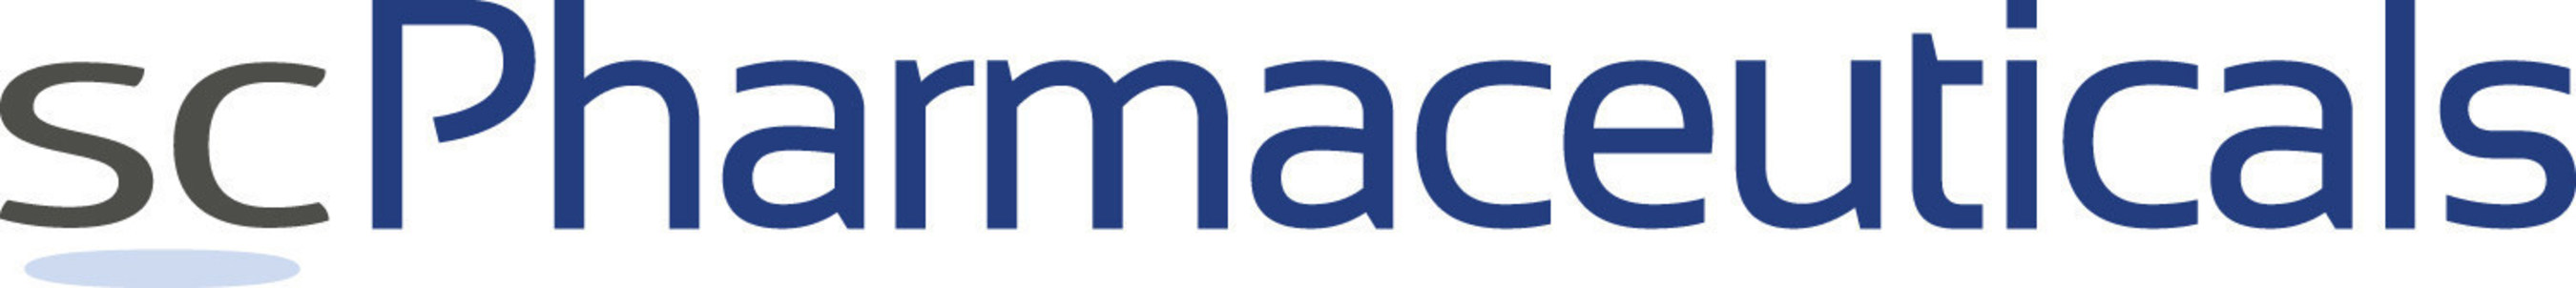 scPharmaceuticals, Inc. Logo